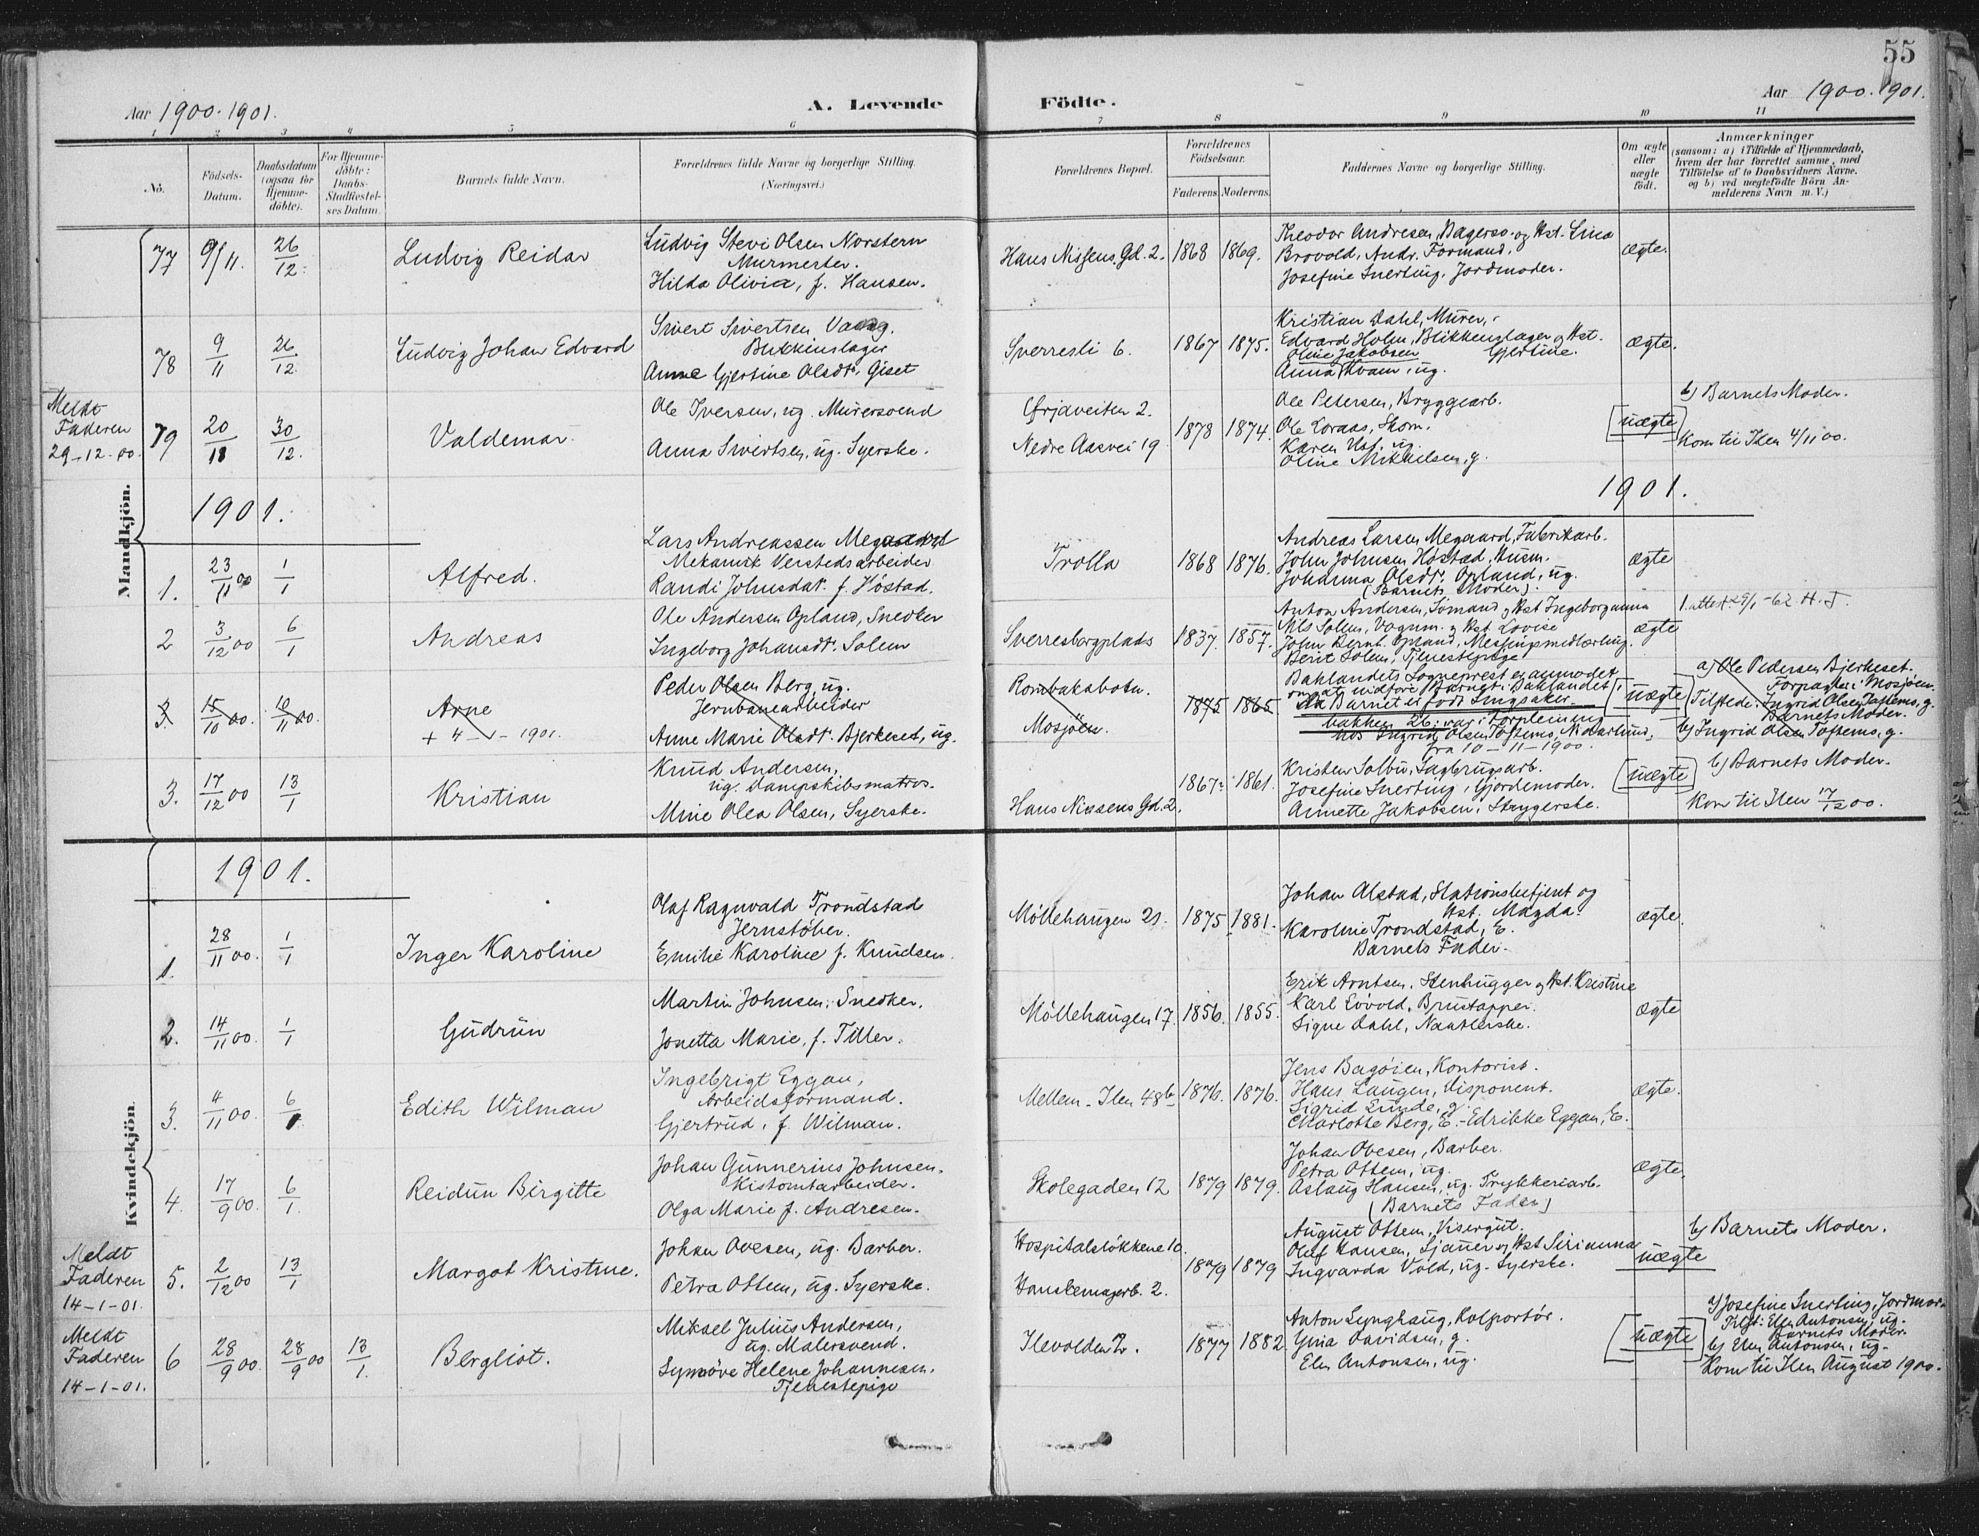 SAT, Ministerialprotokoller, klokkerbøker og fødselsregistre - Sør-Trøndelag, 603/L0167: Ministerialbok nr. 603A06, 1896-1932, s. 55